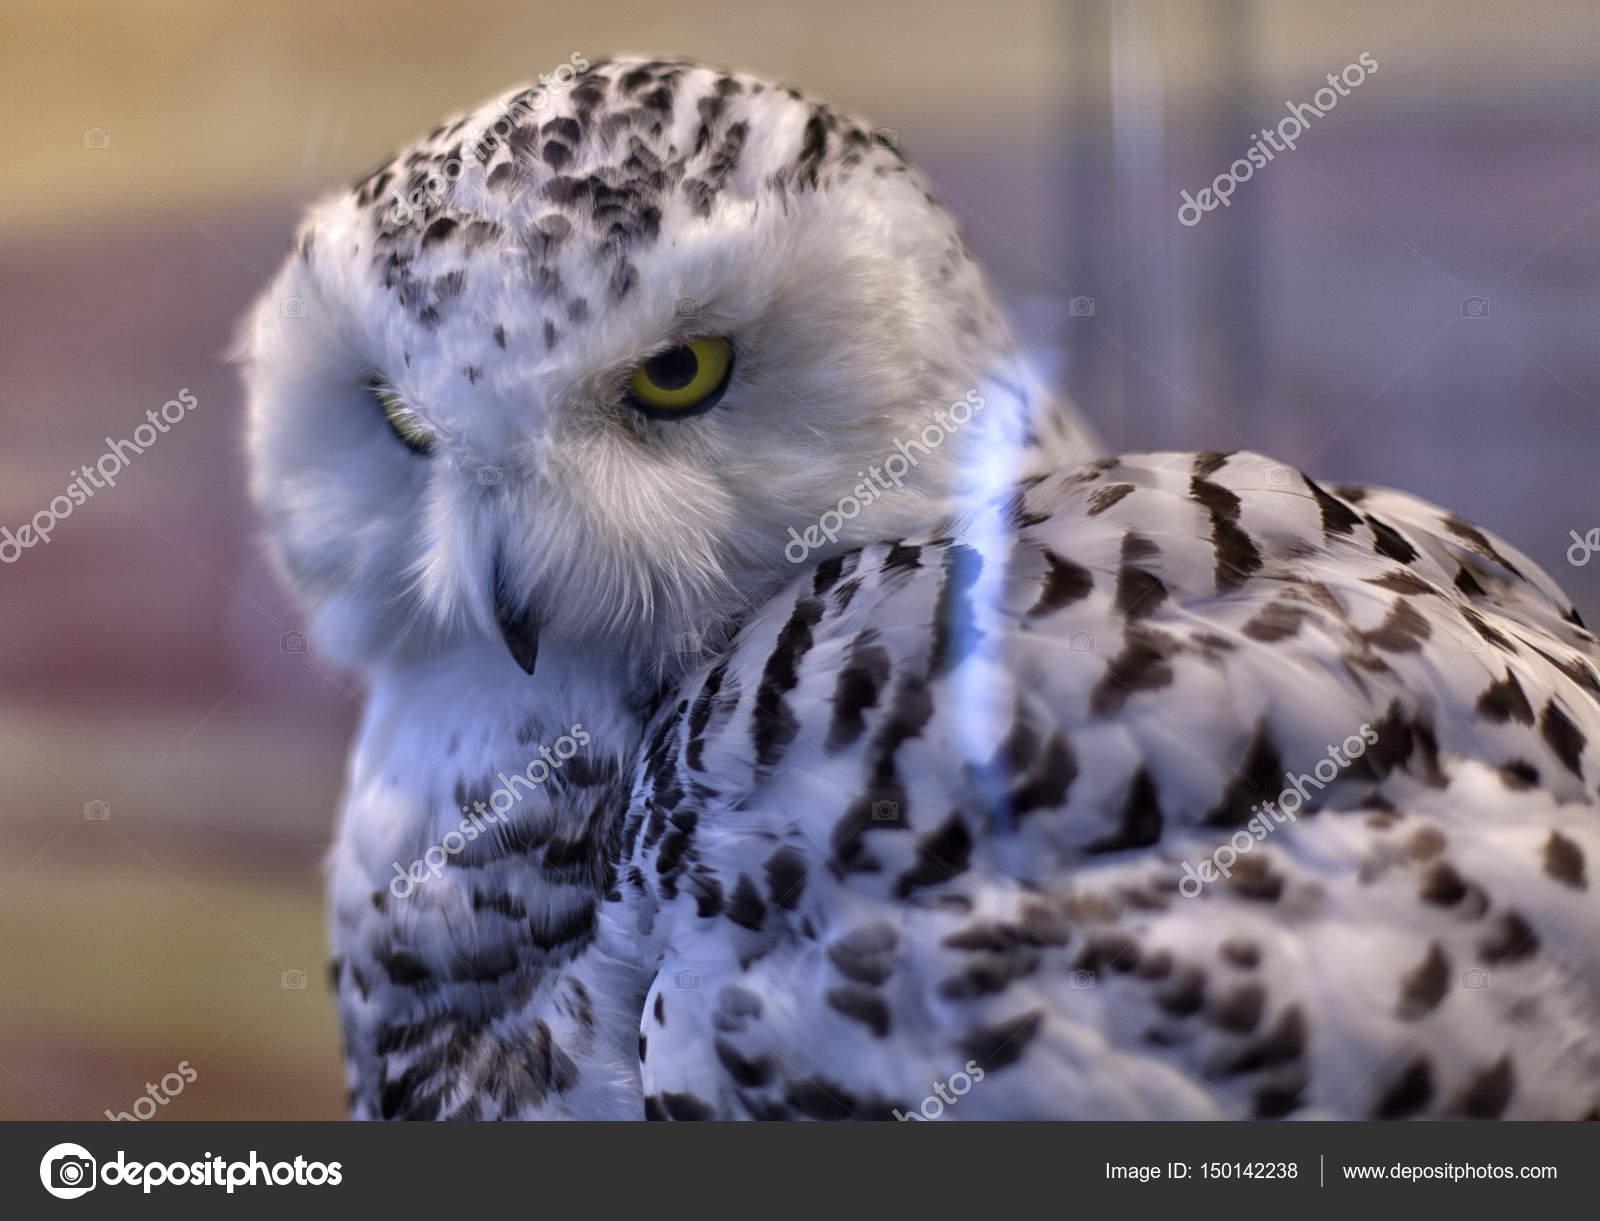 πουλί σε σφιχτό μουνί φωτογραφίες